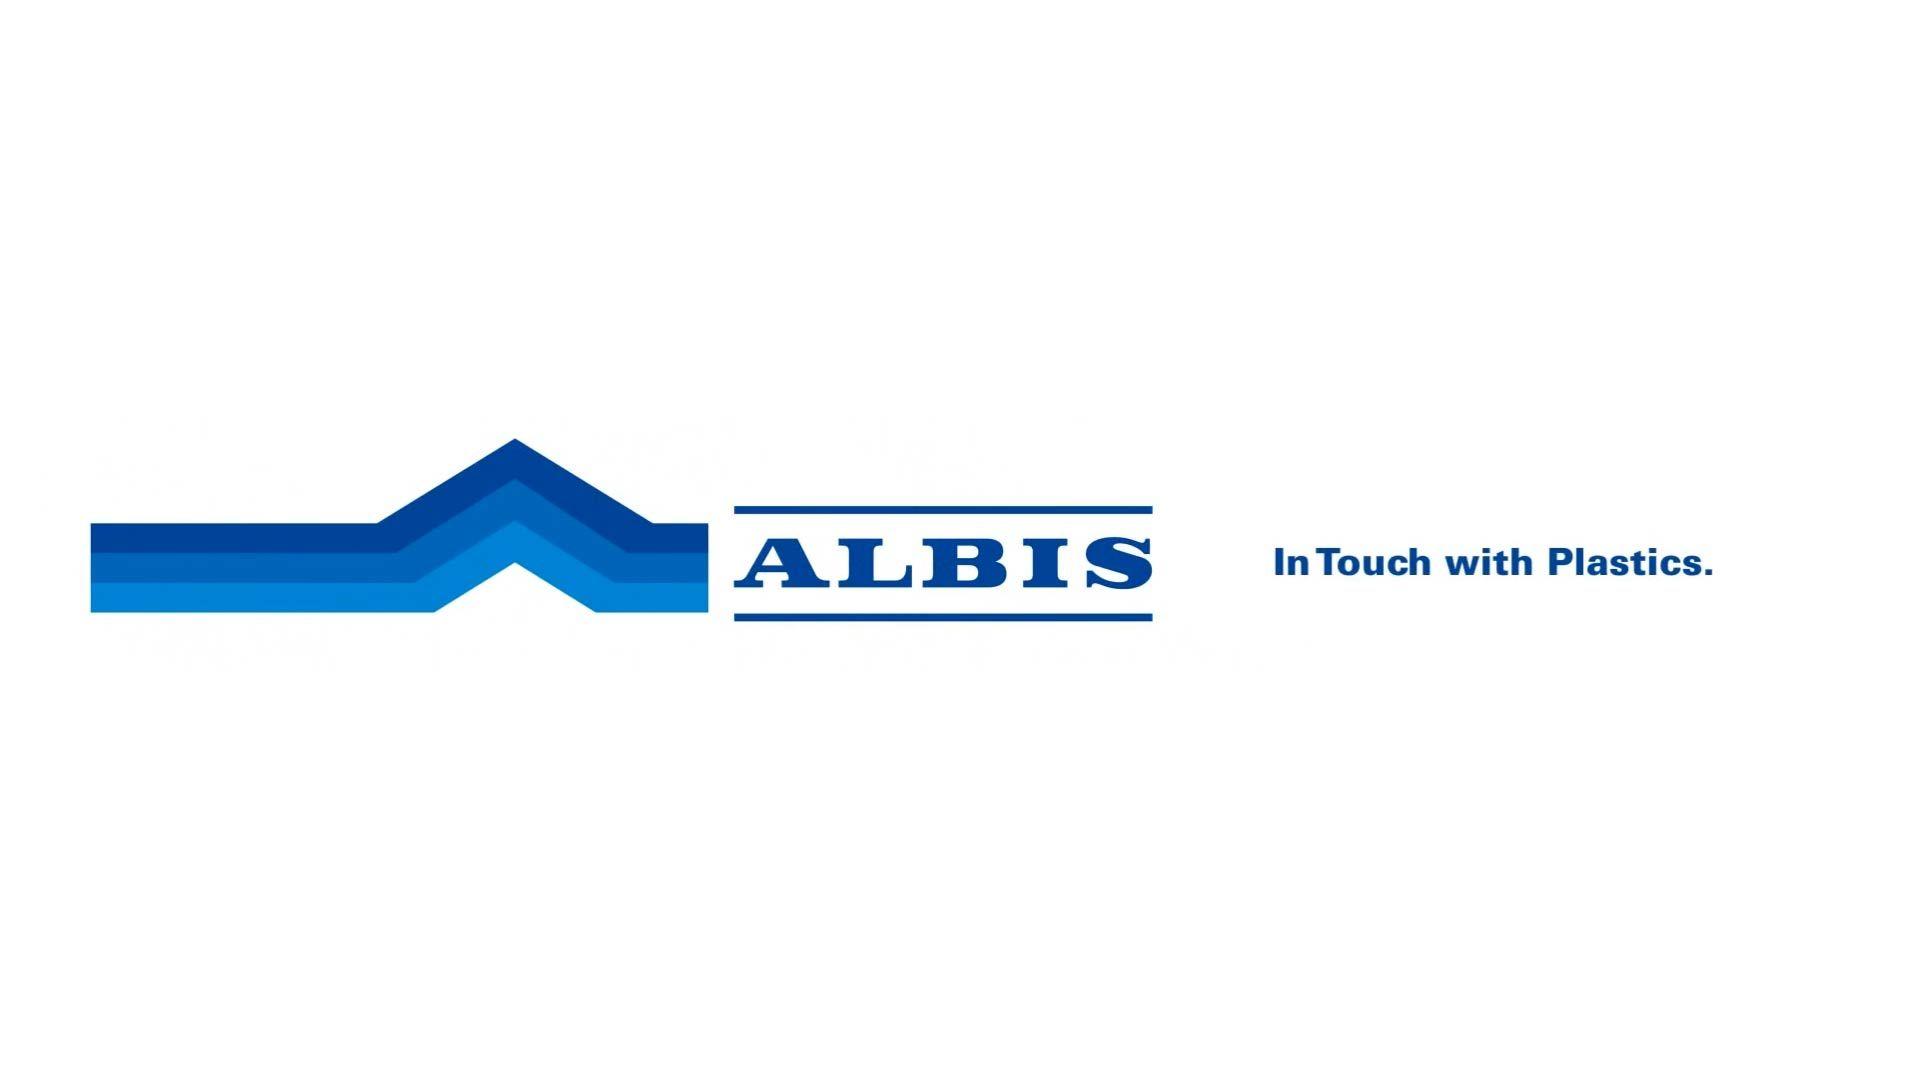 """Albis_messefilm_visualisierung_produktfilm_werbefilm Industriedesign - """"ALBIS"""" 3D Animation"""